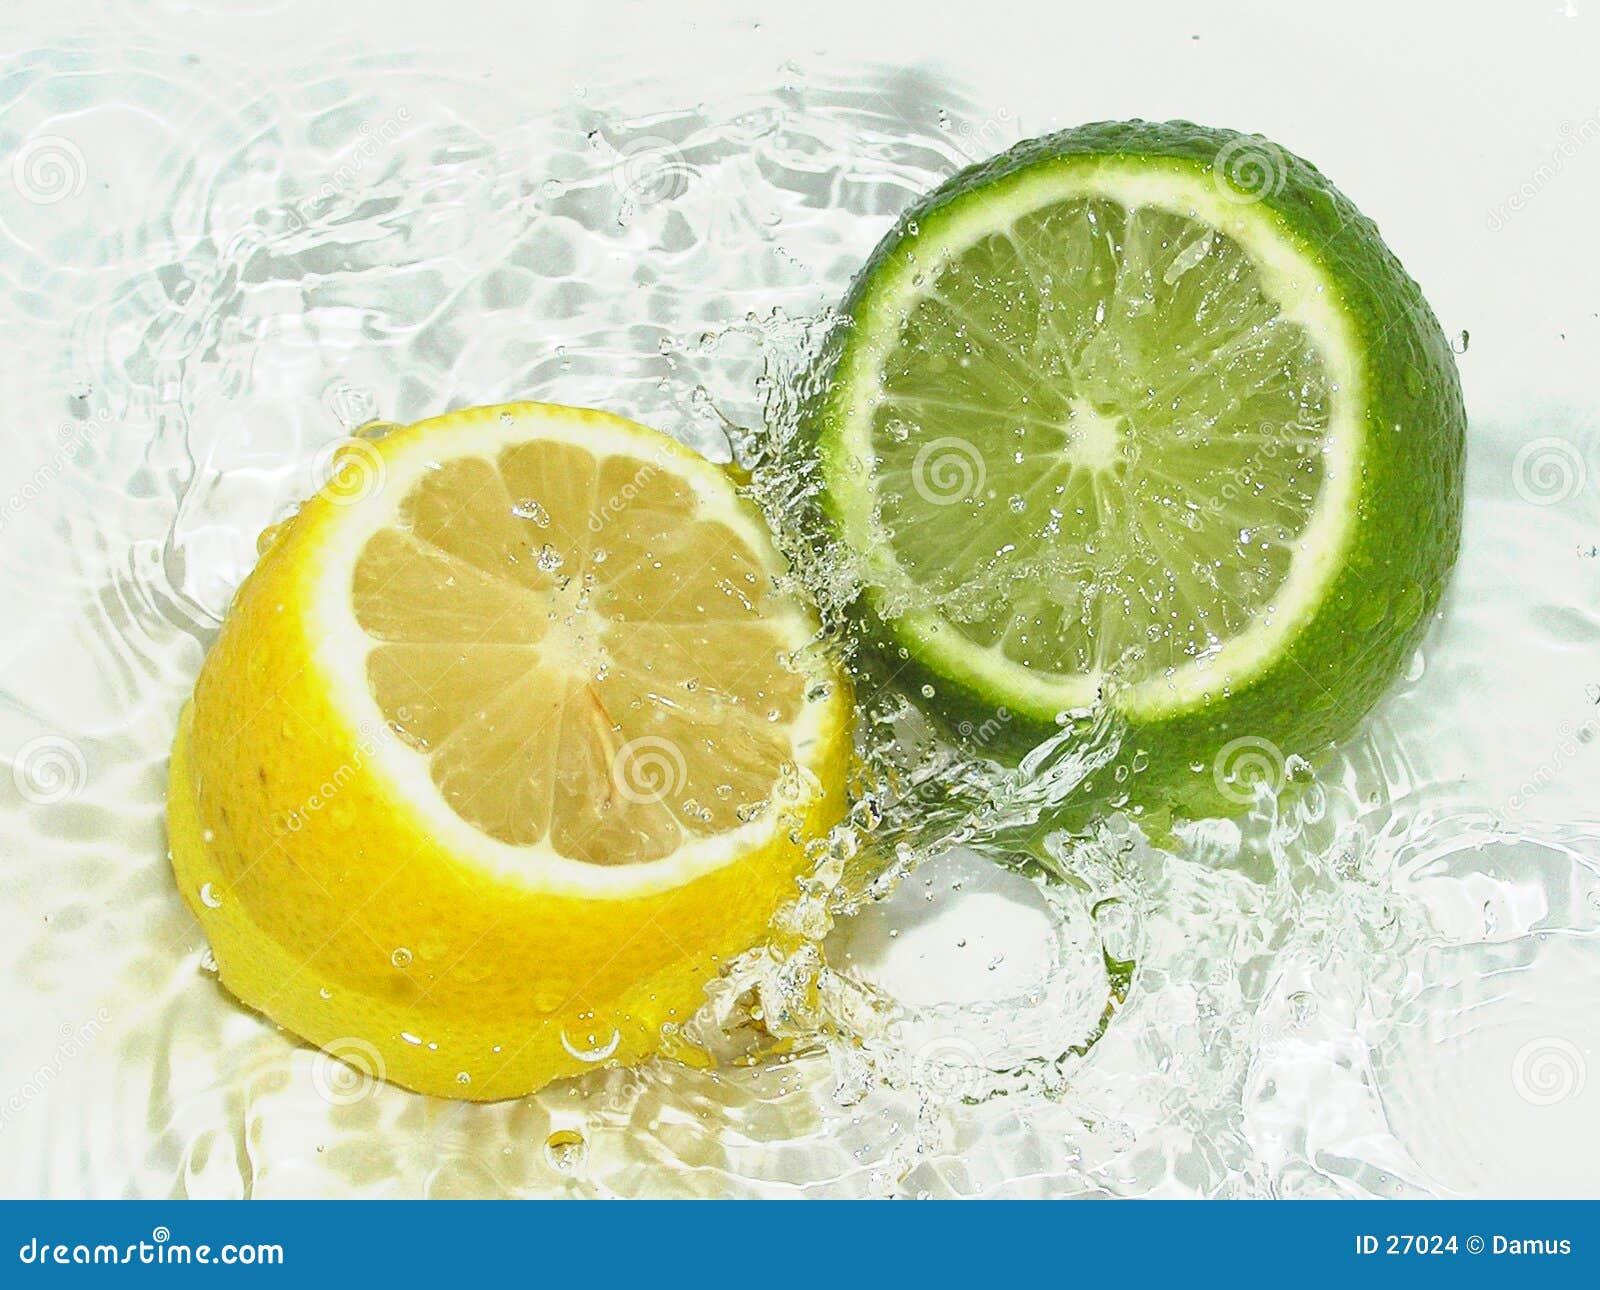 Download Cal contra el limón foto de archivo. Imagen de fresco, limpio - 27024